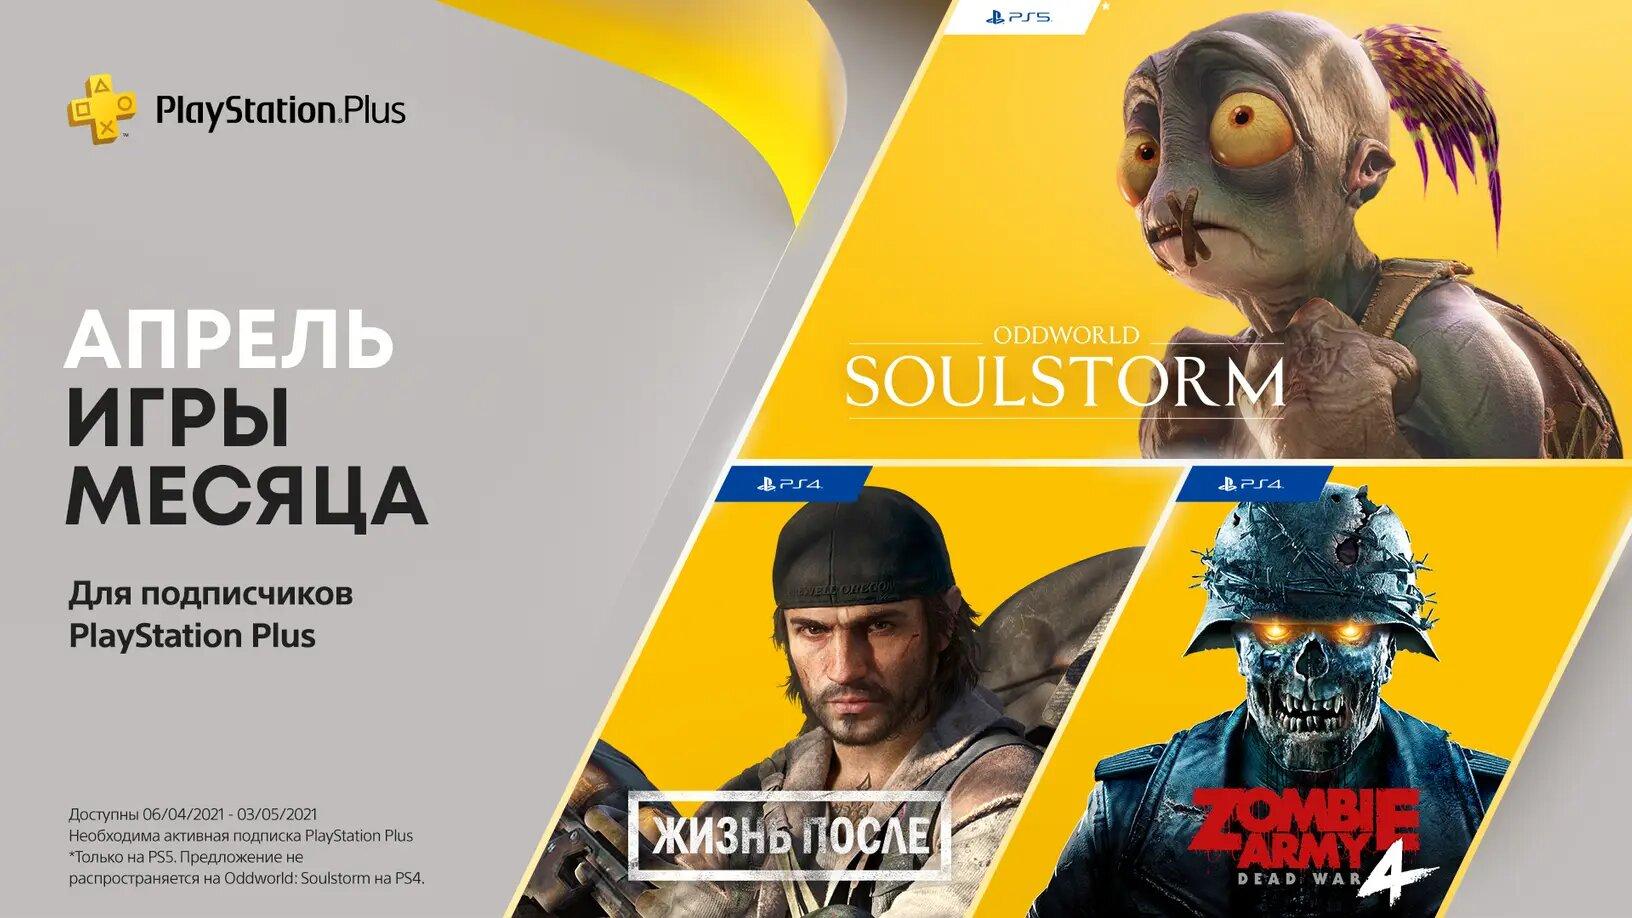 Sony огласила состав апрельской подборки бесплатных игр для подписчиков PS Plus